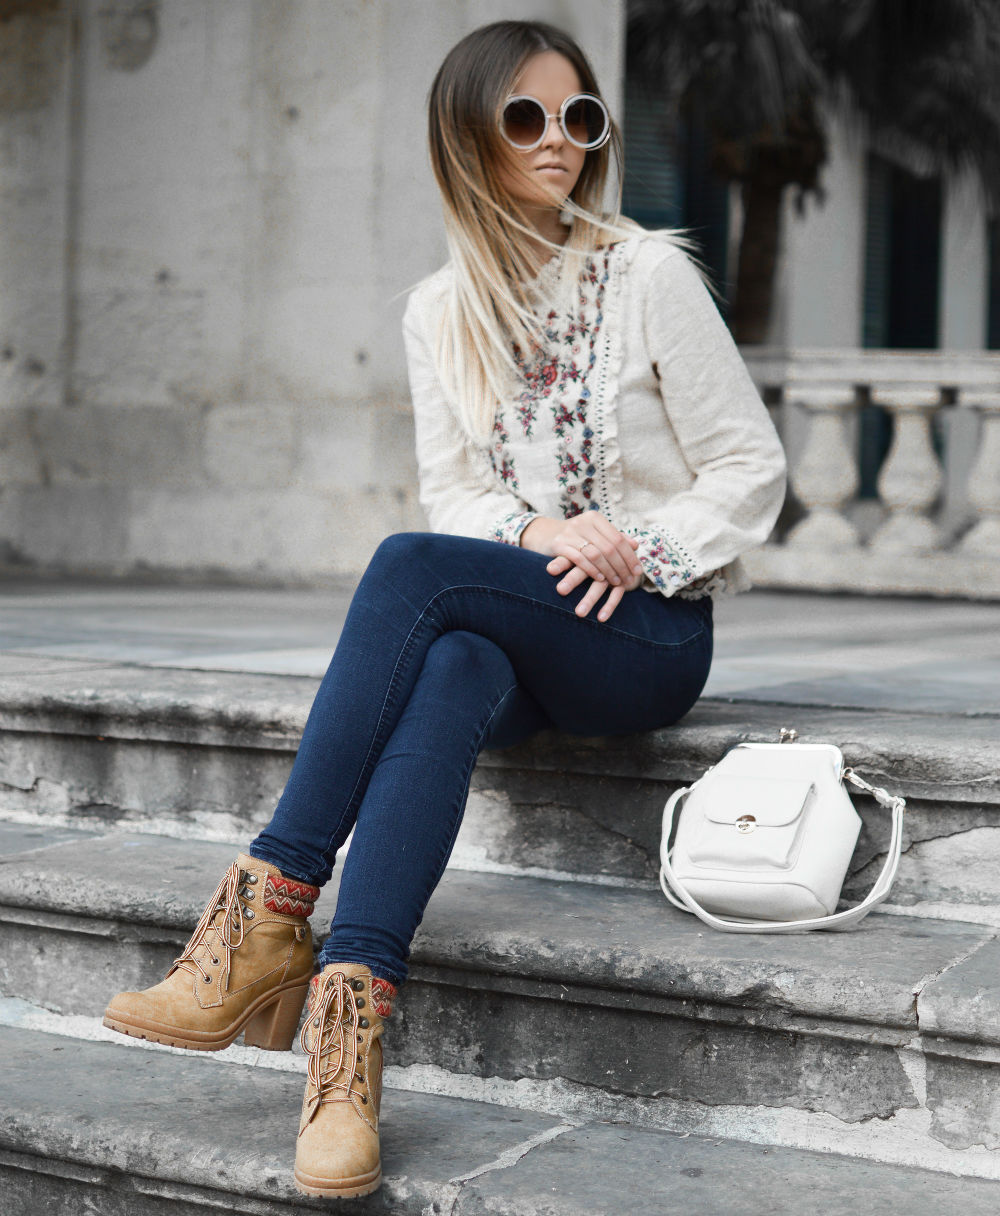 mode femme tendance